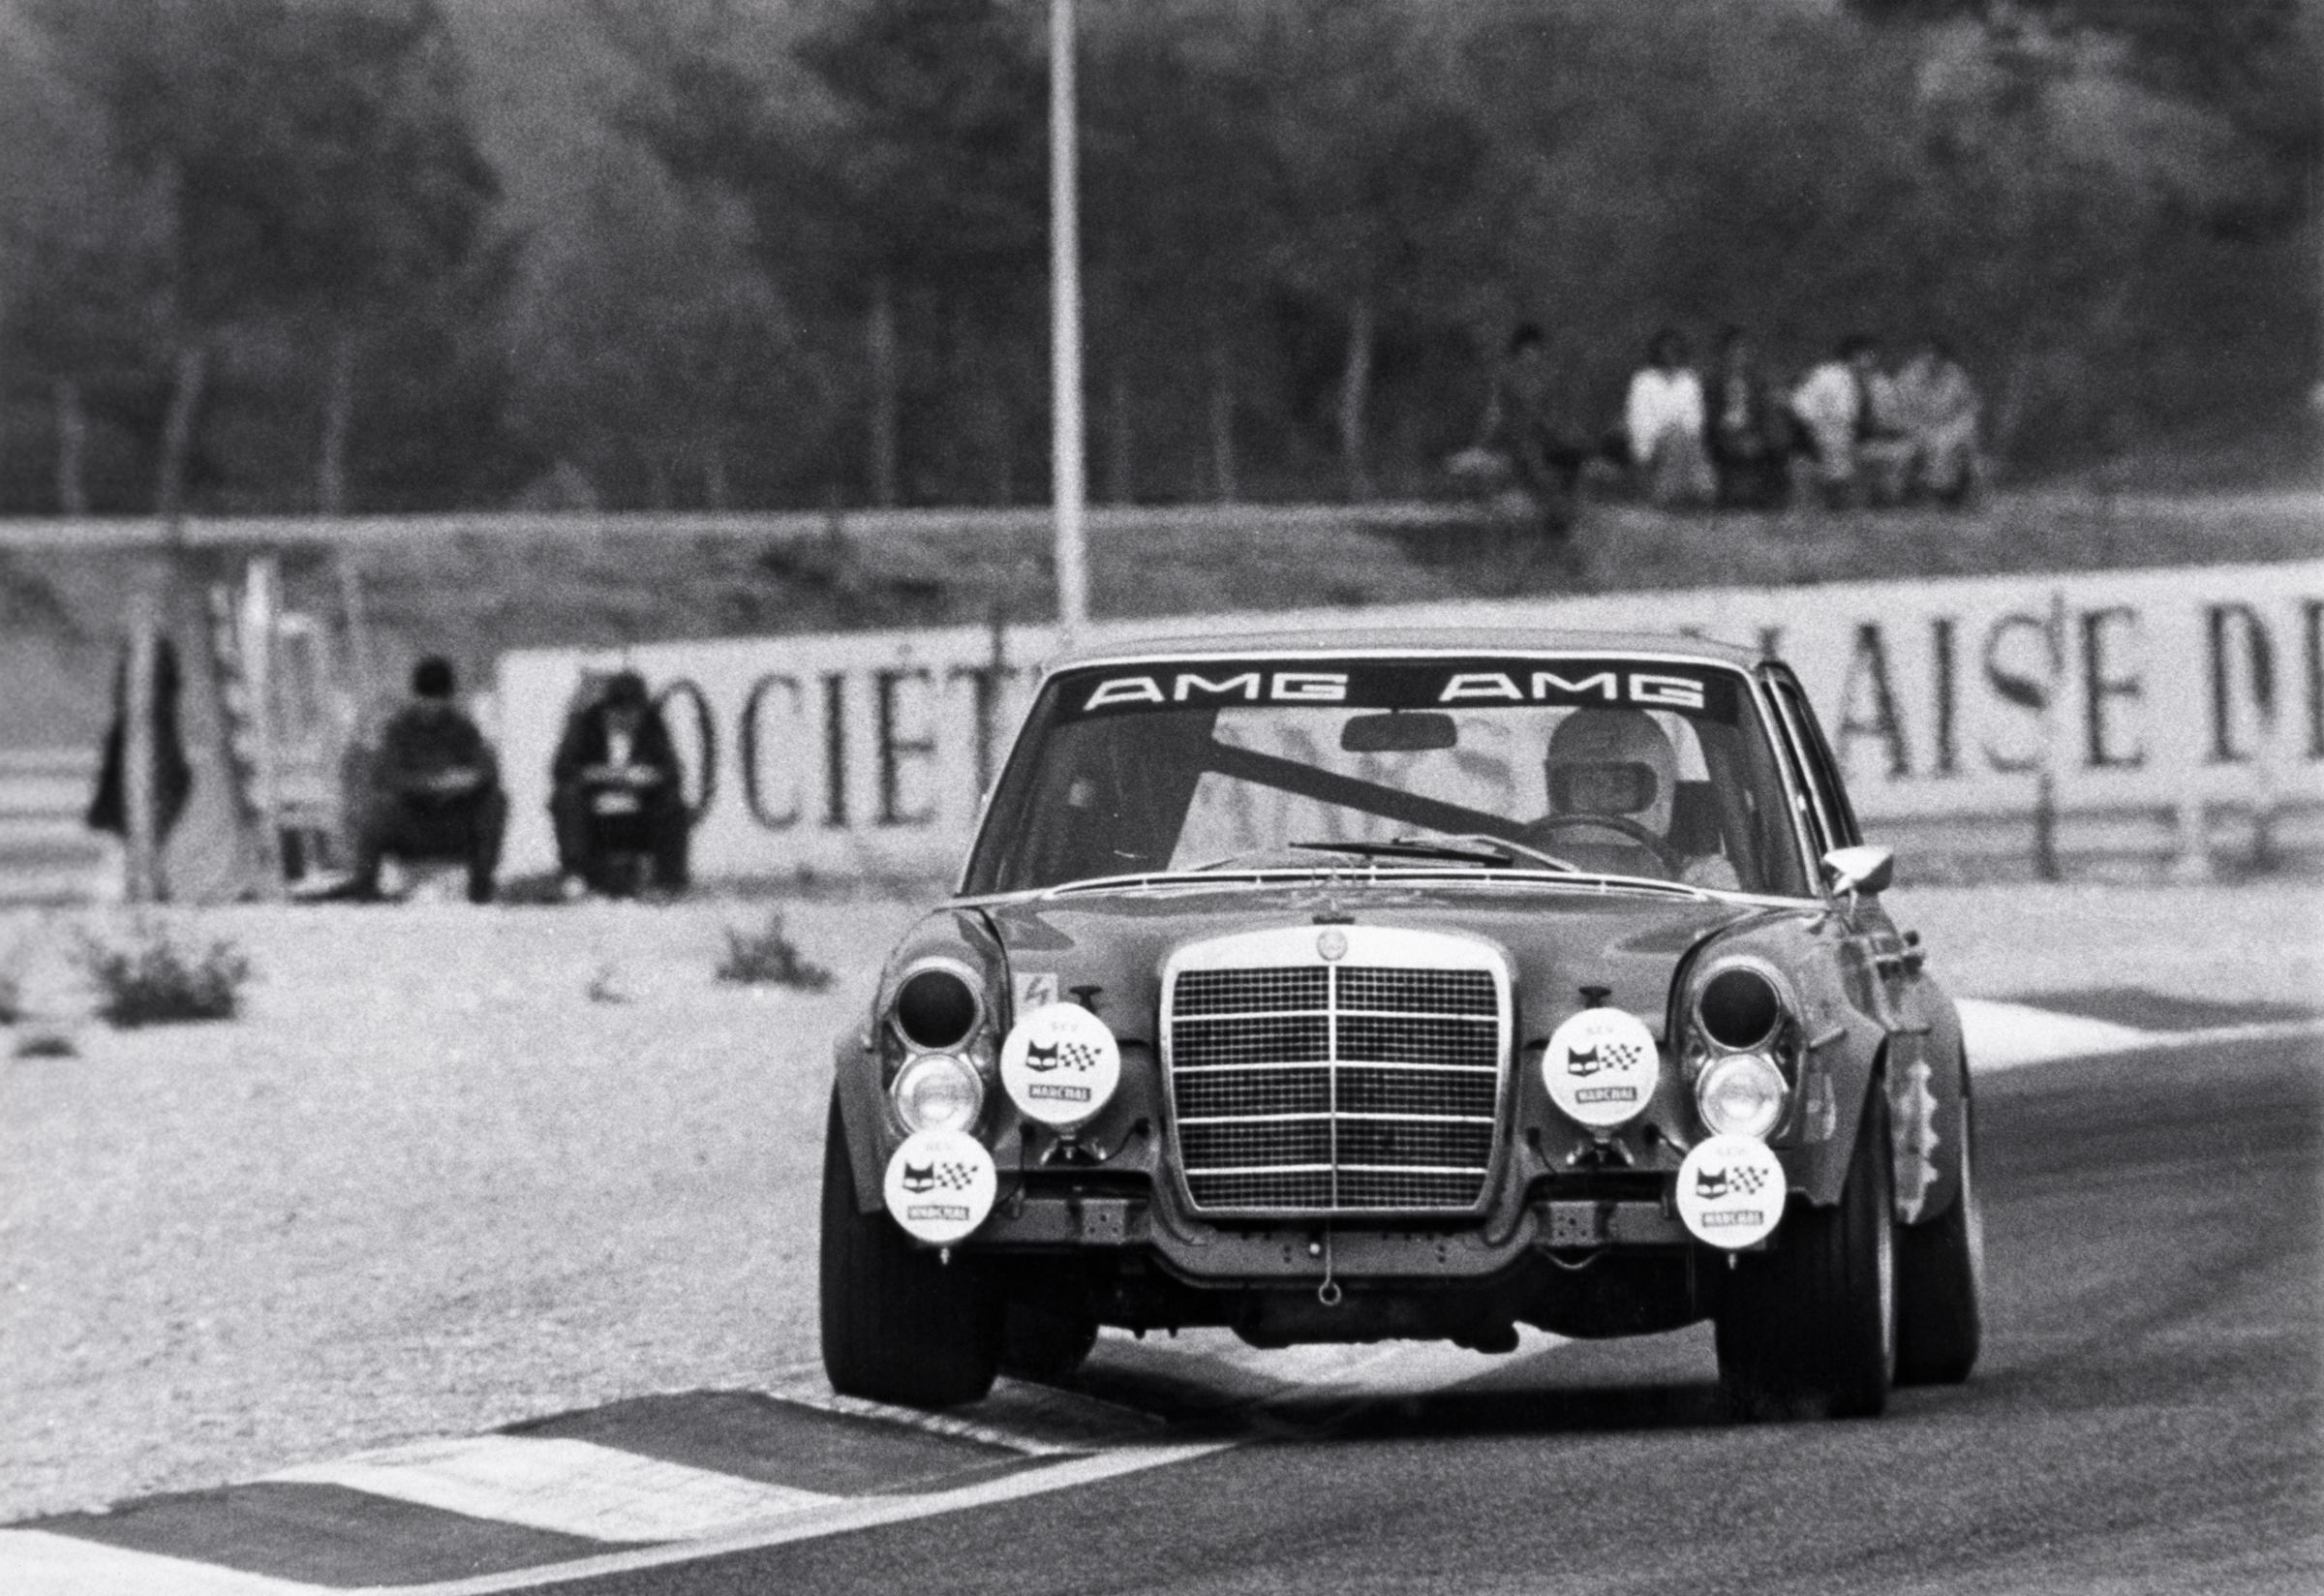 300 SEL 6.8 AMG at Spa 1971